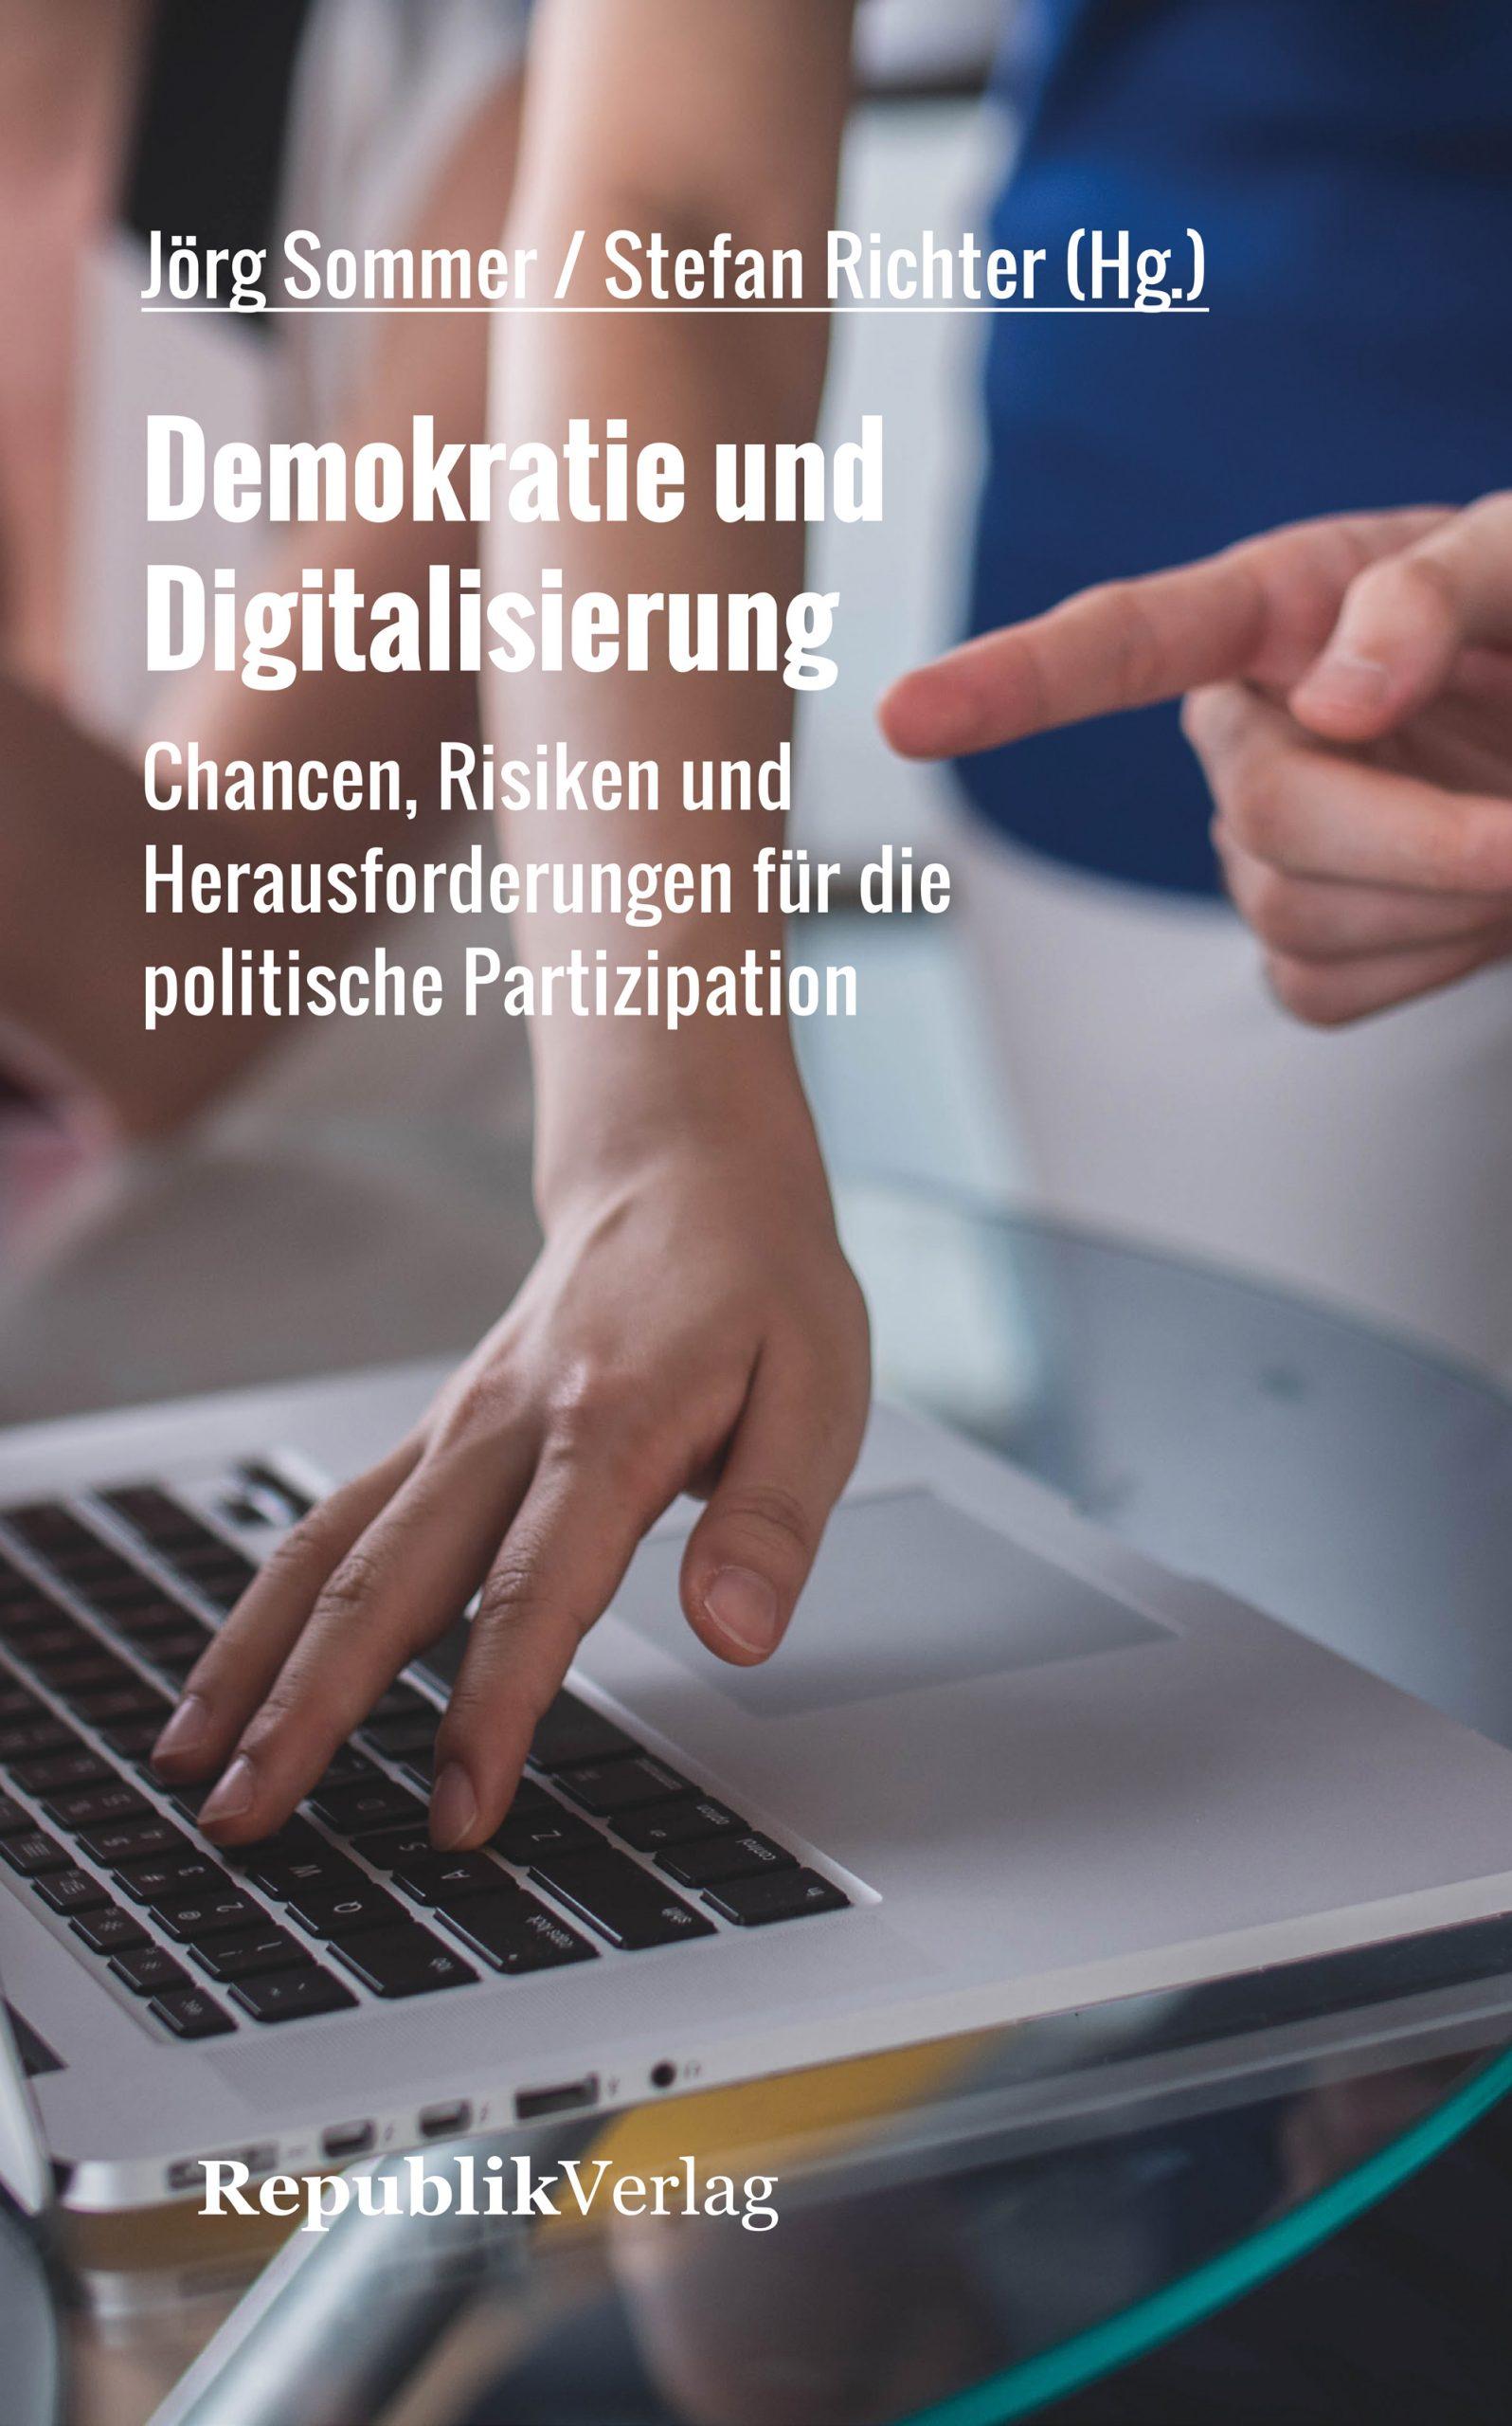 Demokratie und Digitalisierung